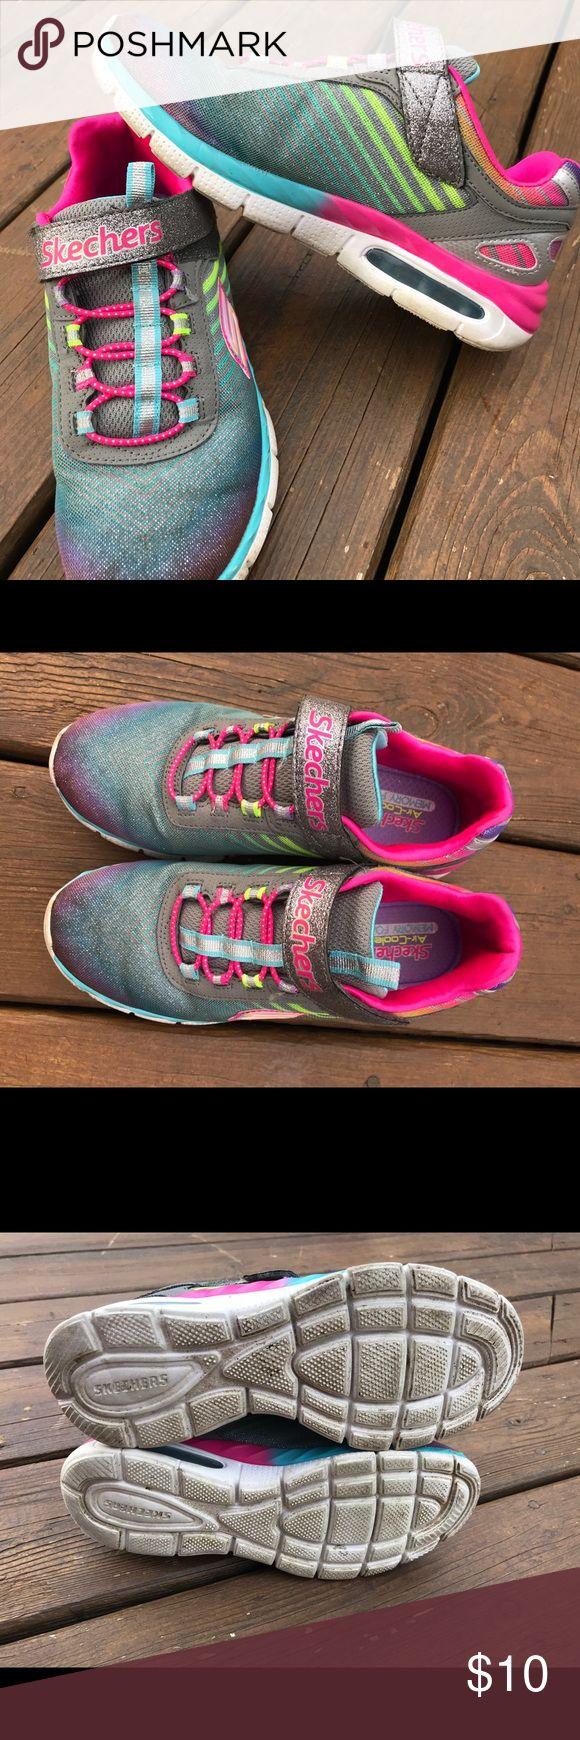 Girls Skechers sneakers Skechers for girls size 4. Velcro closure... minimal wear. Skechers Shoes Sneakers